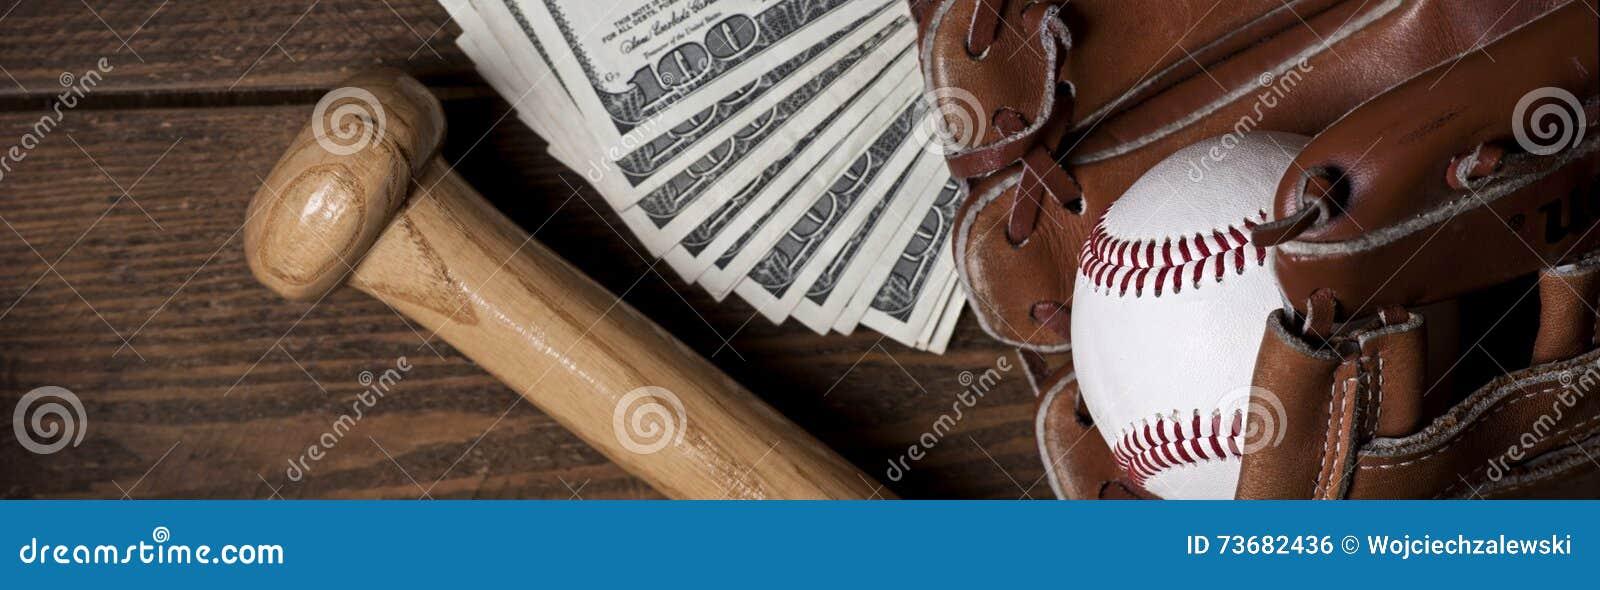 Baseballa piłka, rękawiczka, nietoperz i pieniądze na drewnianym stole,